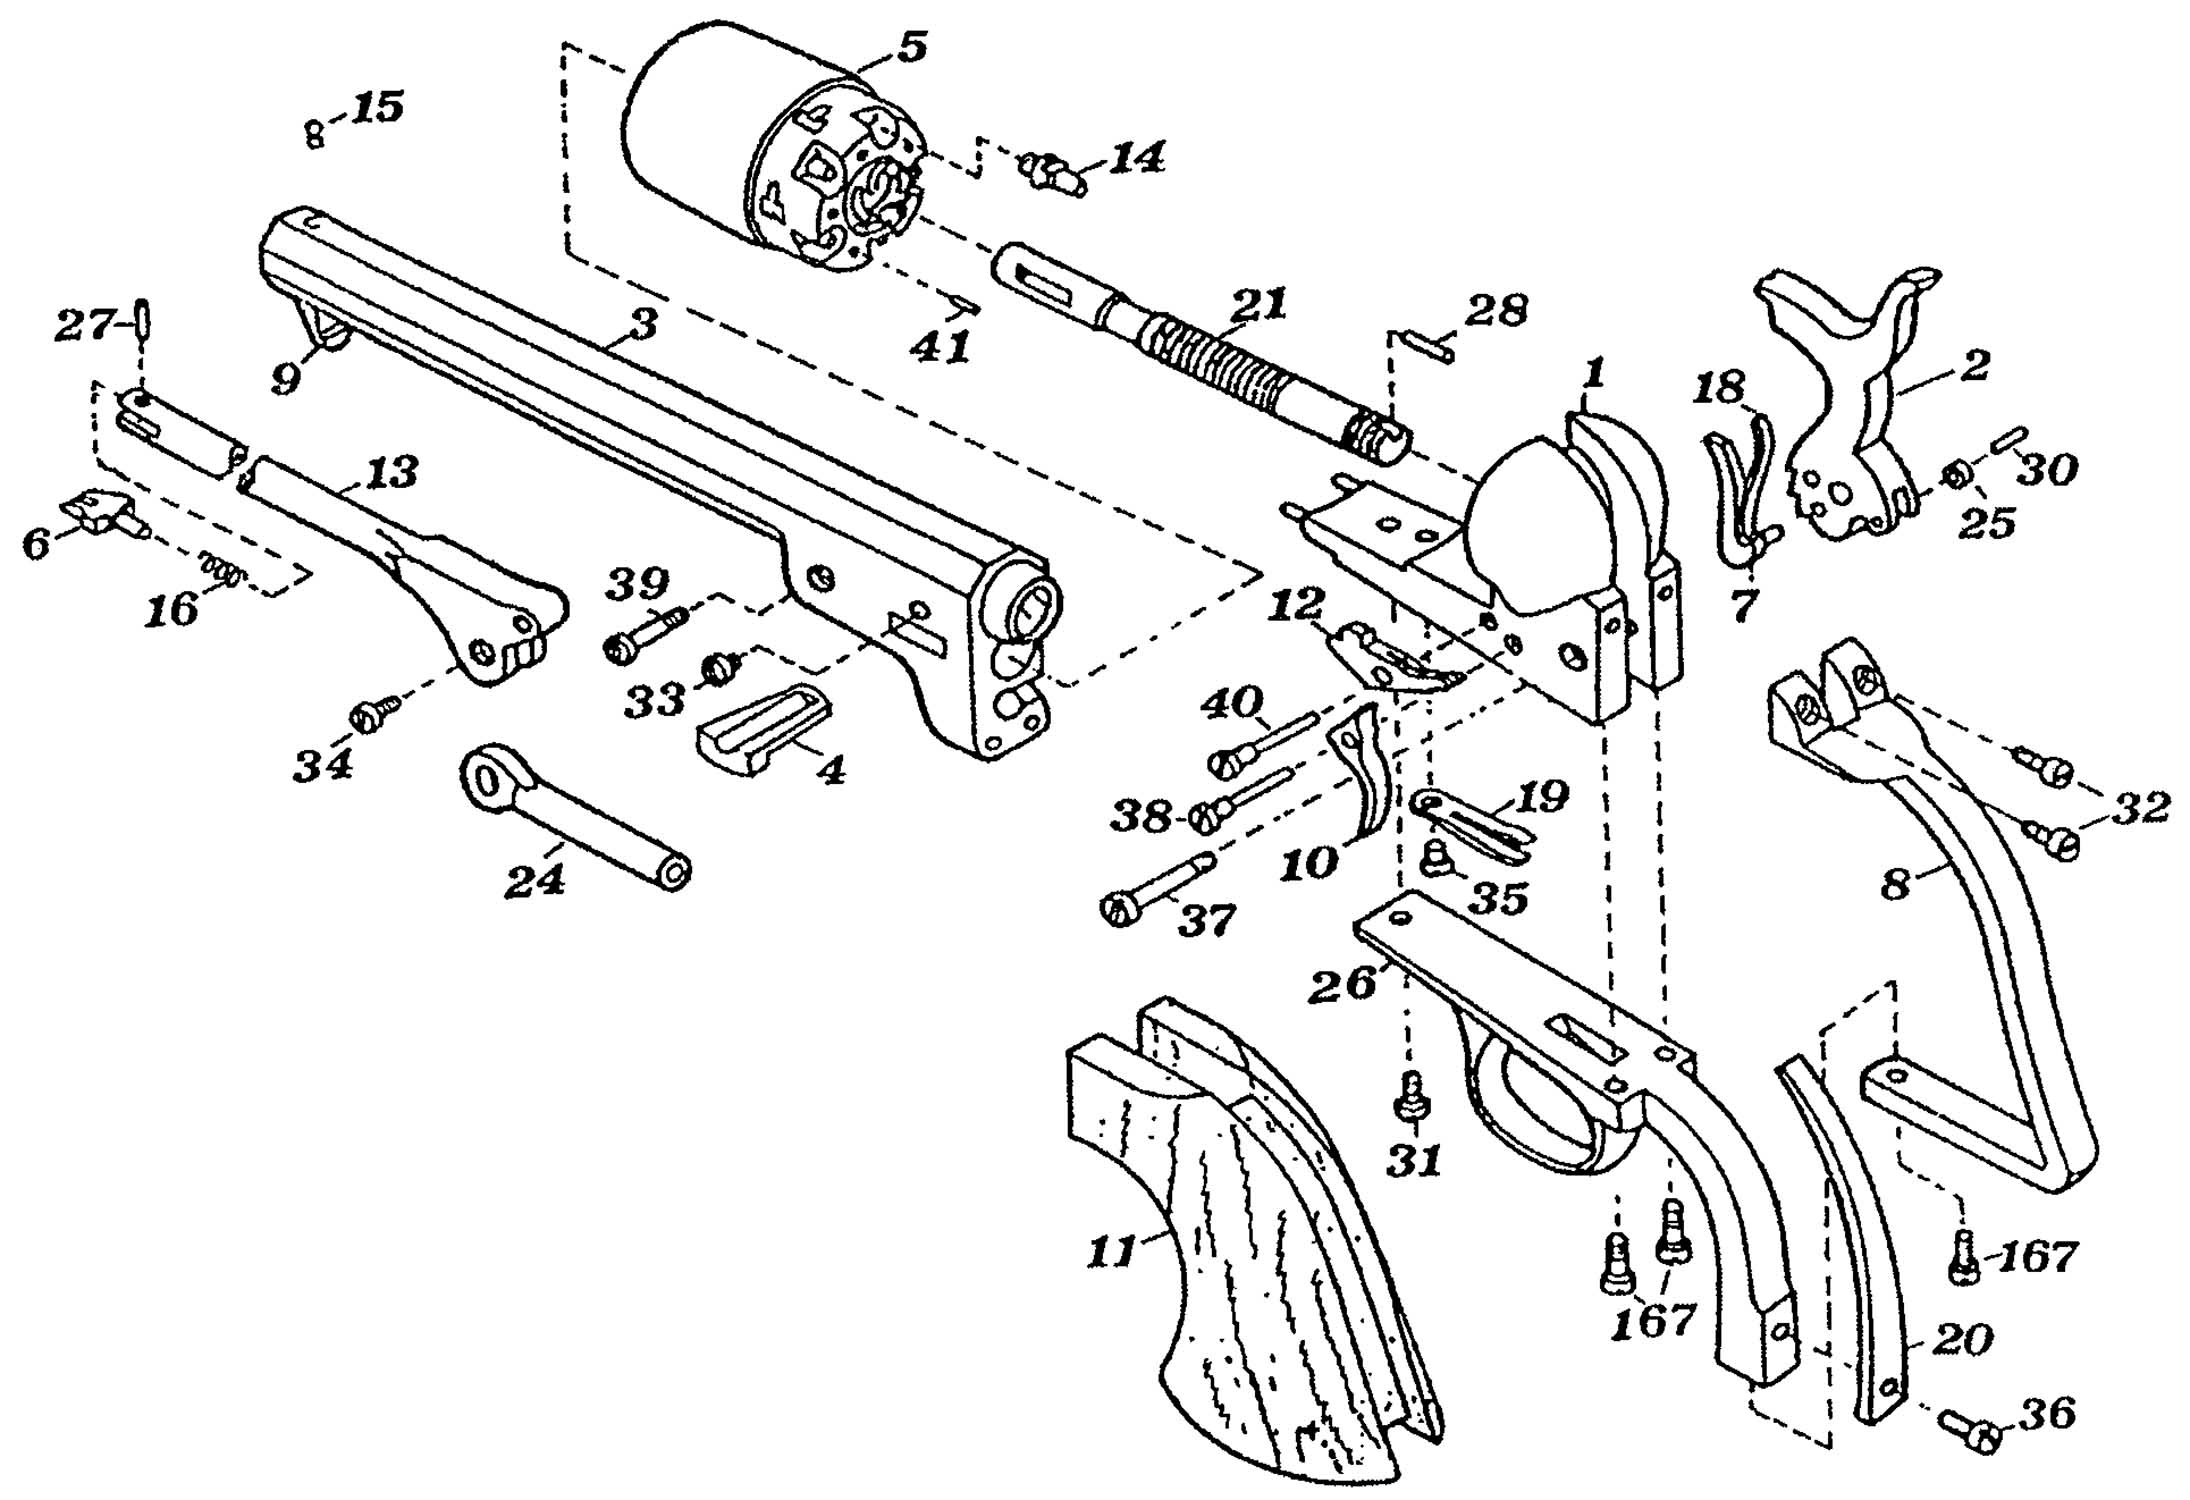 Revolver Schematic